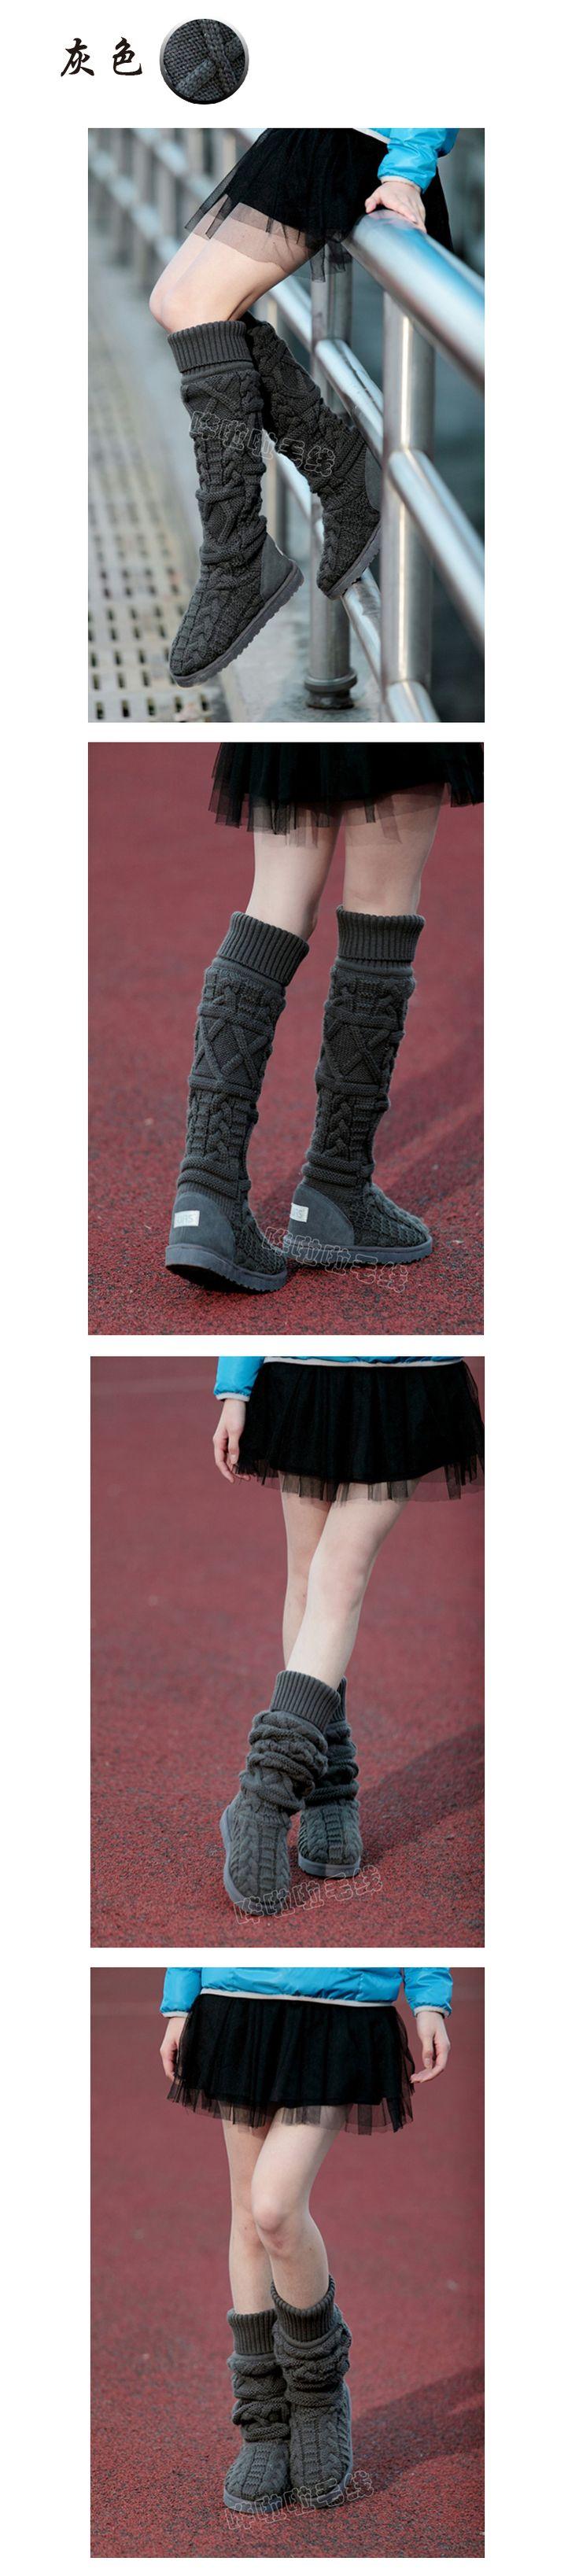 Зима женщины сапоги за шерсть пряжа обувь трикотаж снег загрузки леди колено высокая сапоги в белый черный кофе серый купить на AliExpress